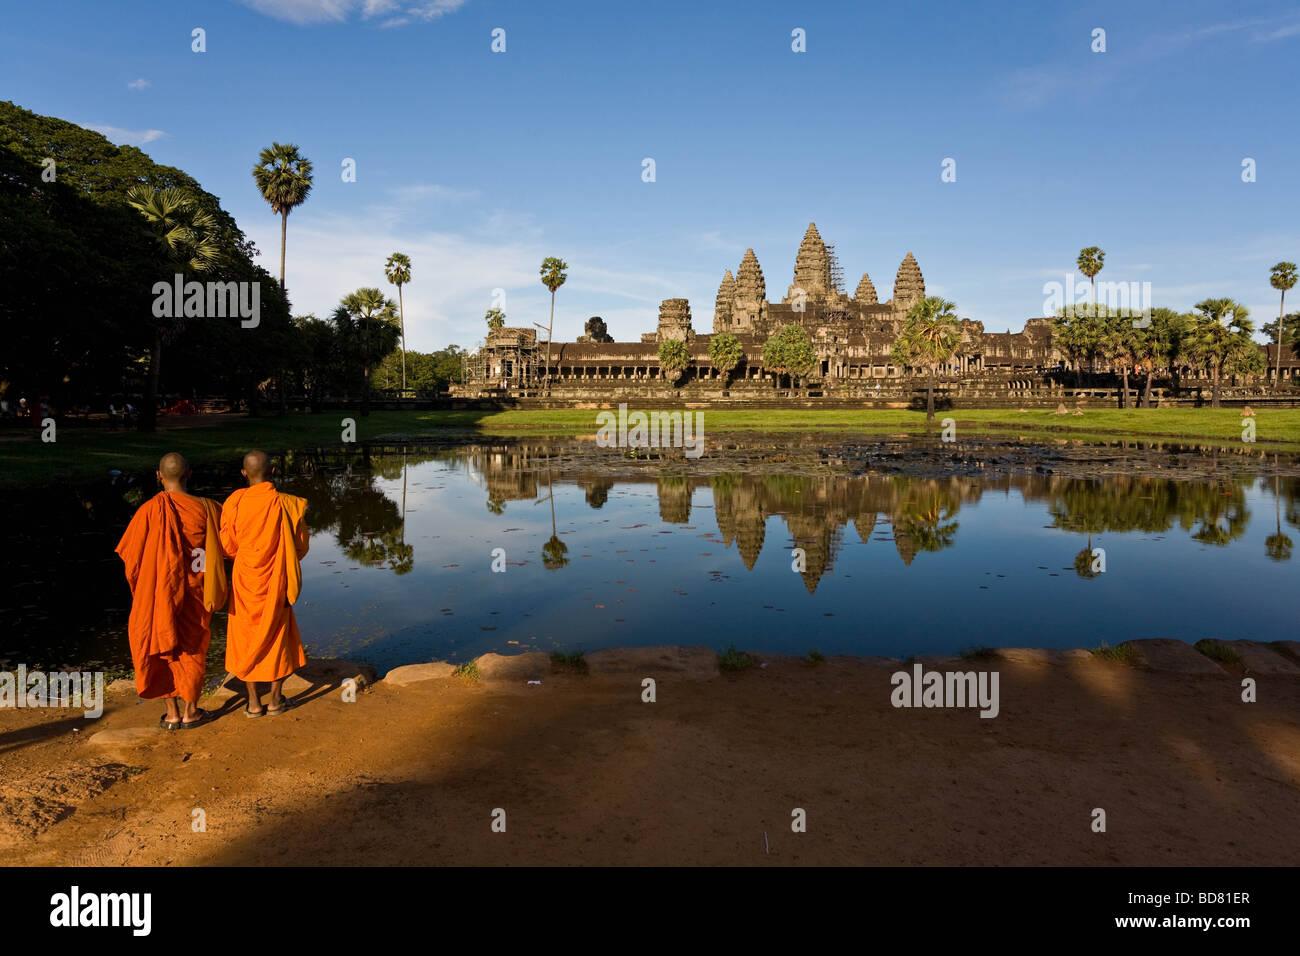 Vista clásica de Angkor Wat a través de las piscinas con un reflejo claro, con dos monjes túnicas Imagen De Stock